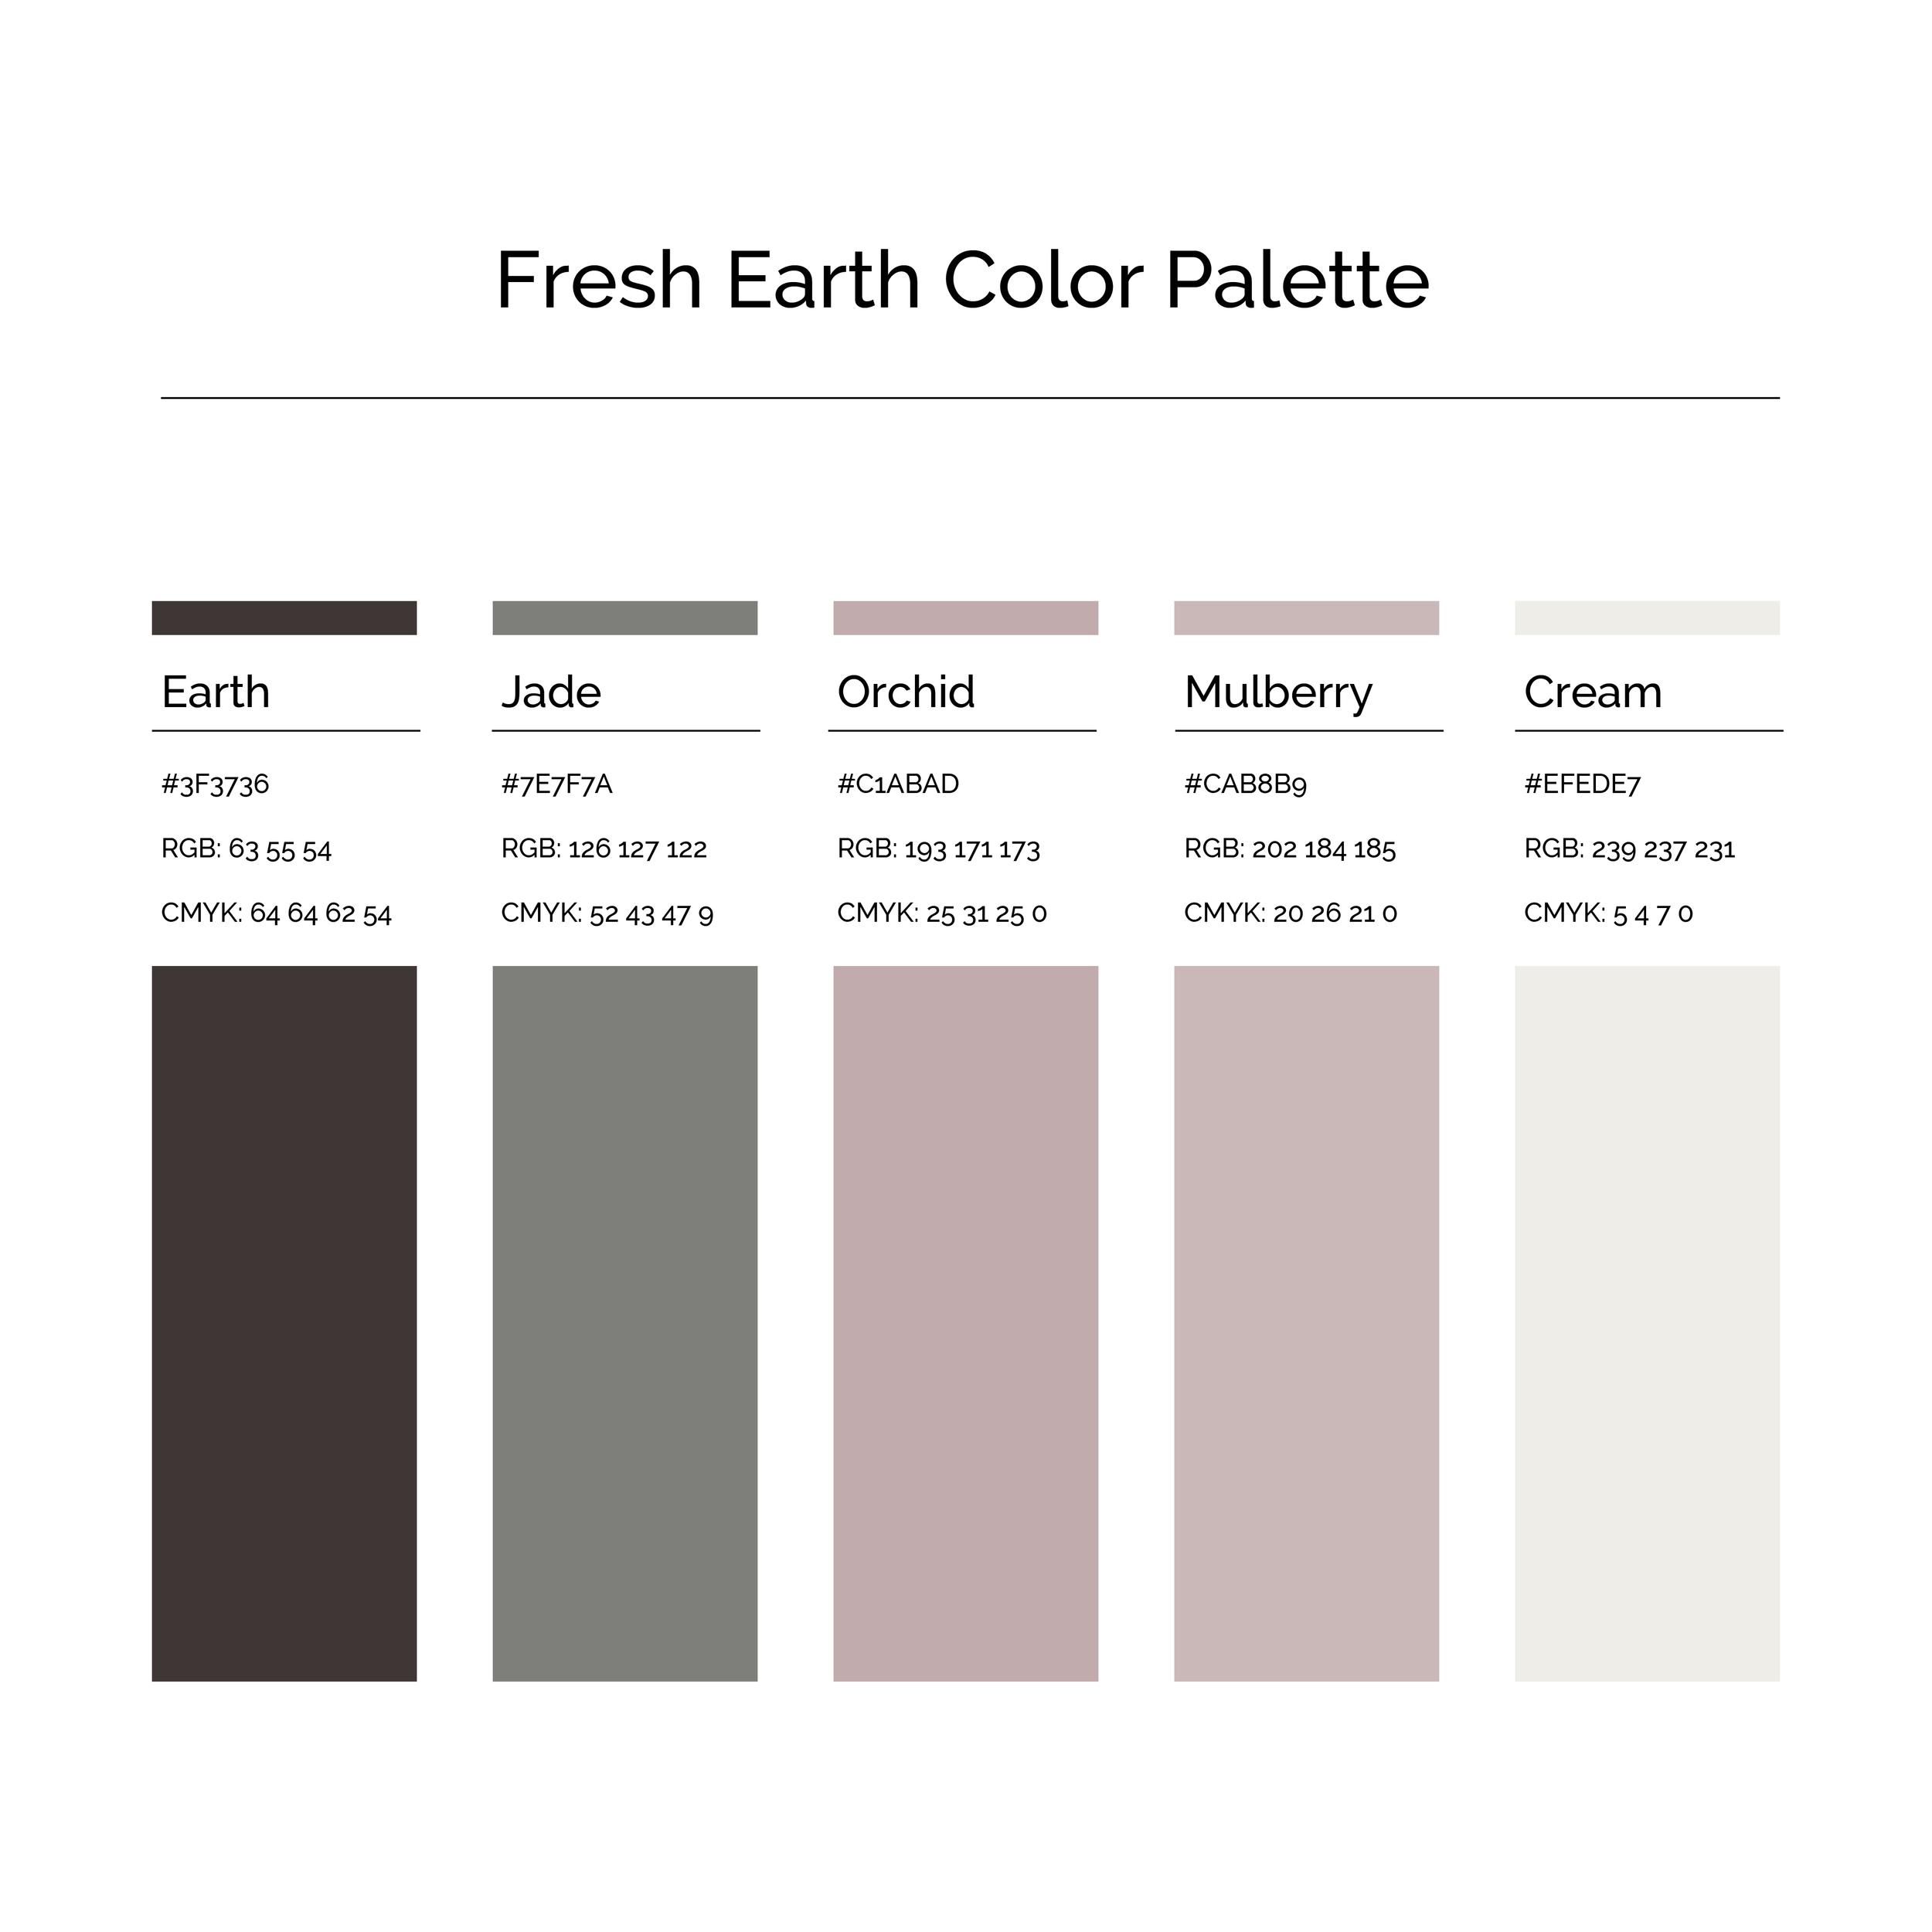 15 More Color Palettes | Fresh Earth Color Palette